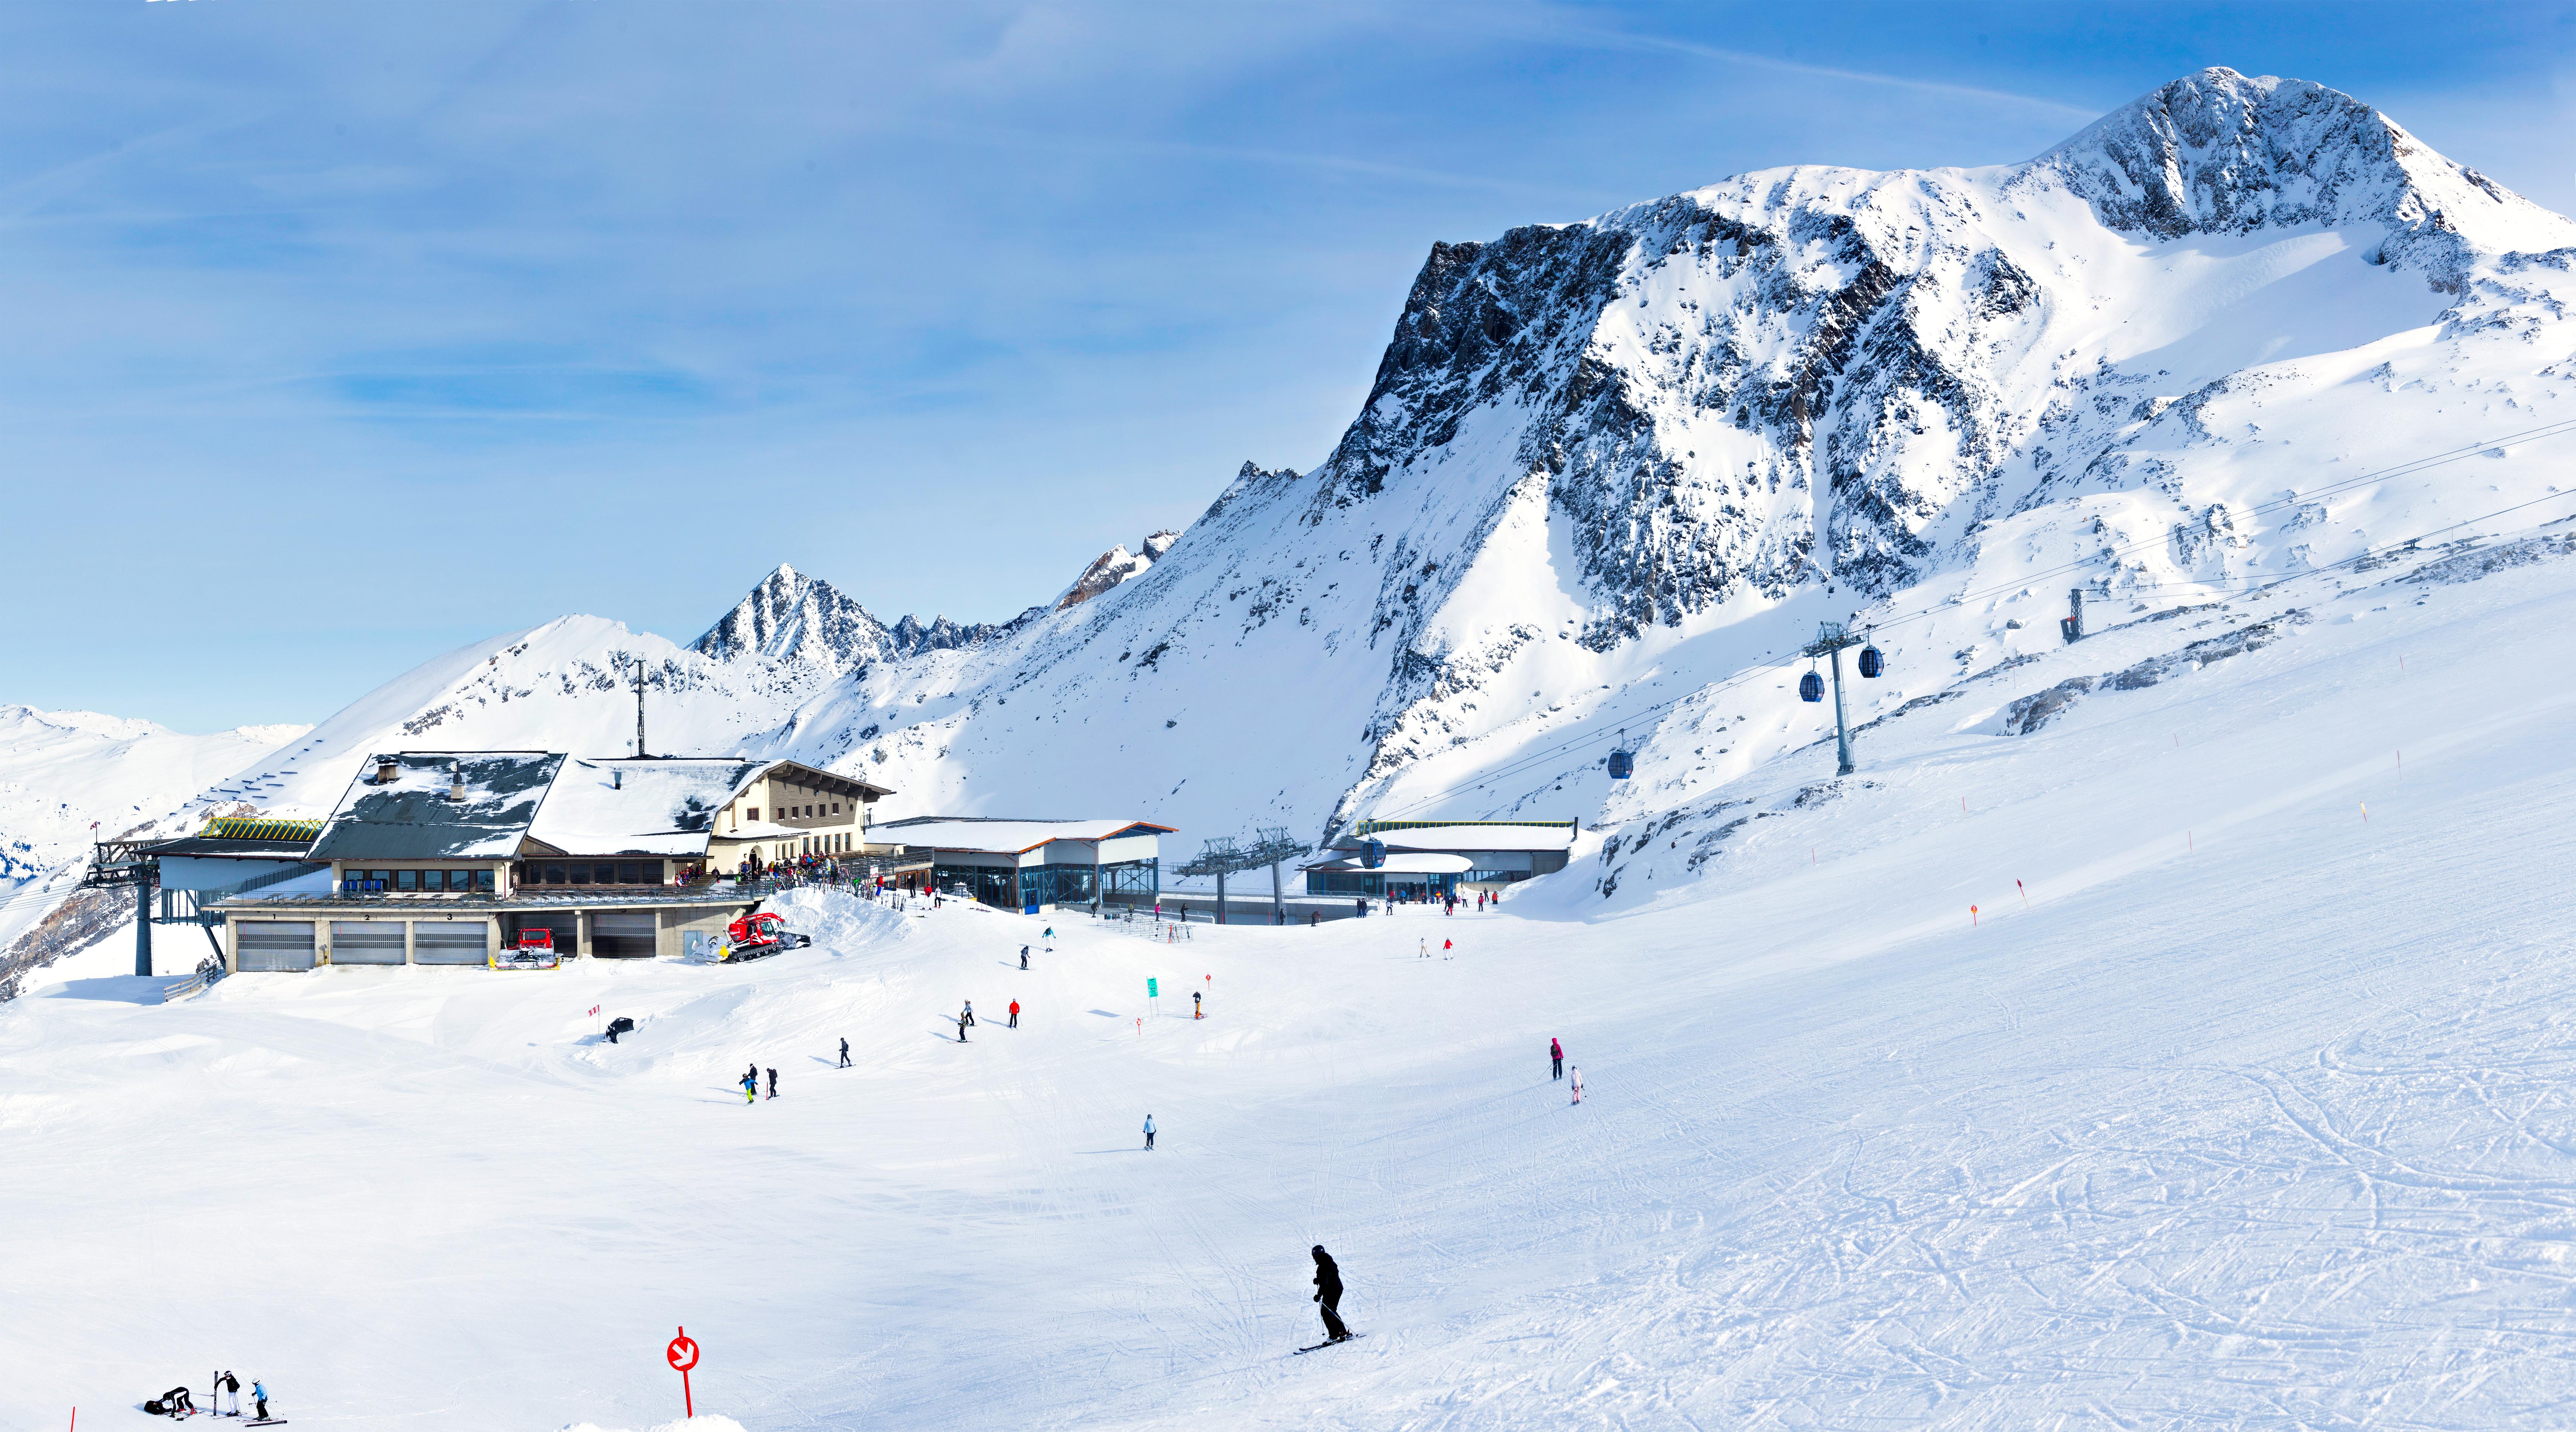 1. Eeuwige sneeuw op de Hintertuxer Gletsjer